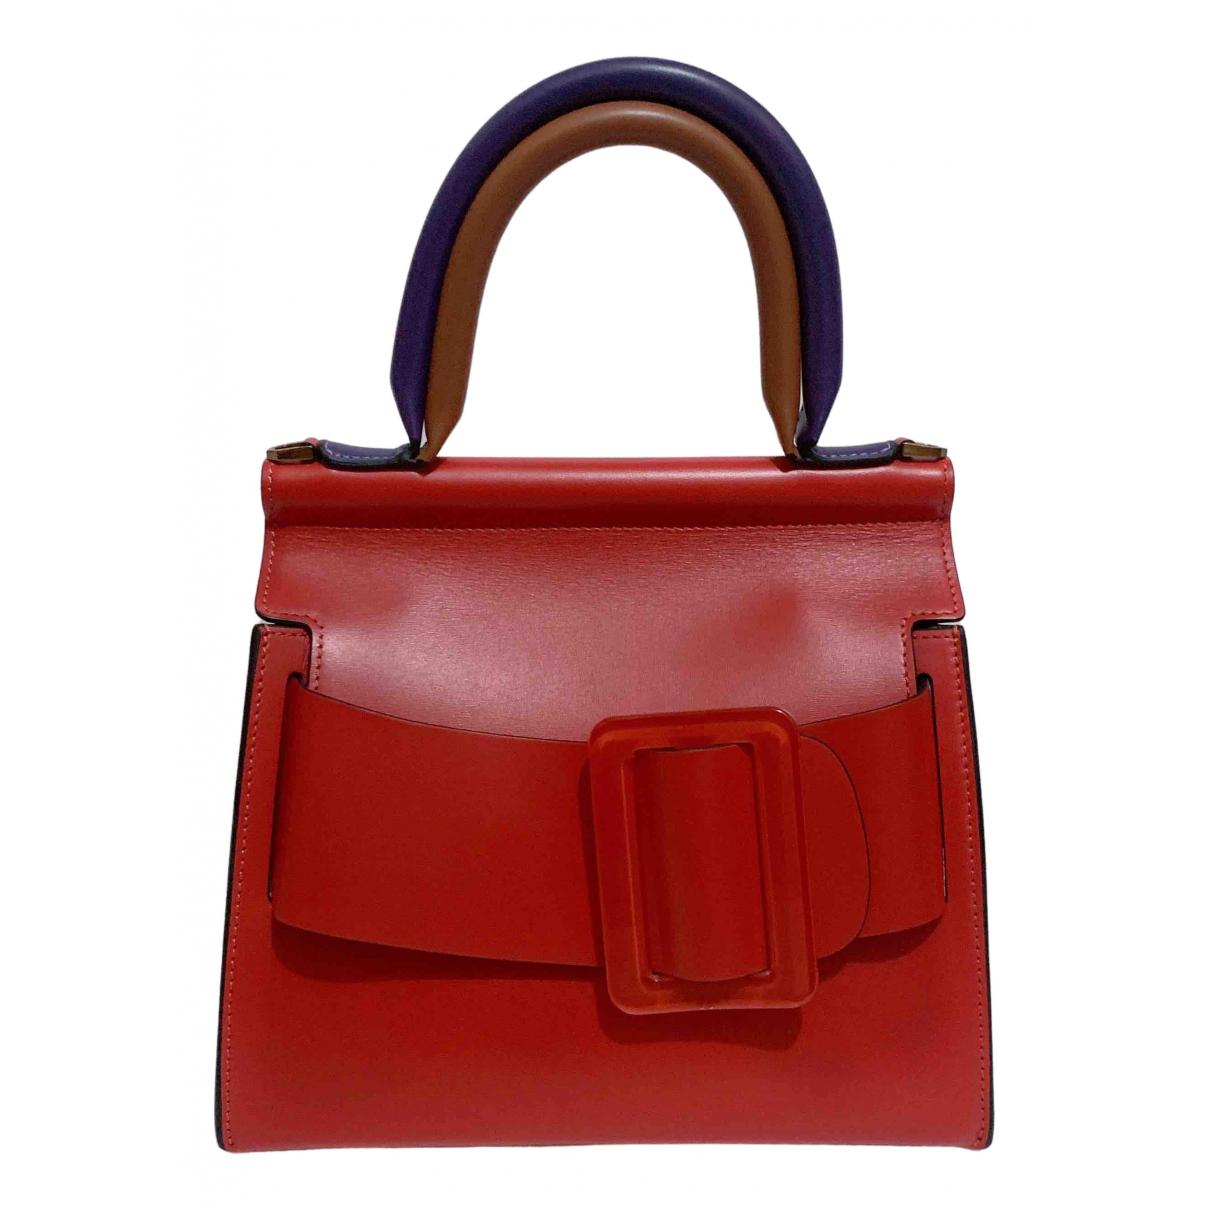 Boyy \N Handtasche in  Rot Leder